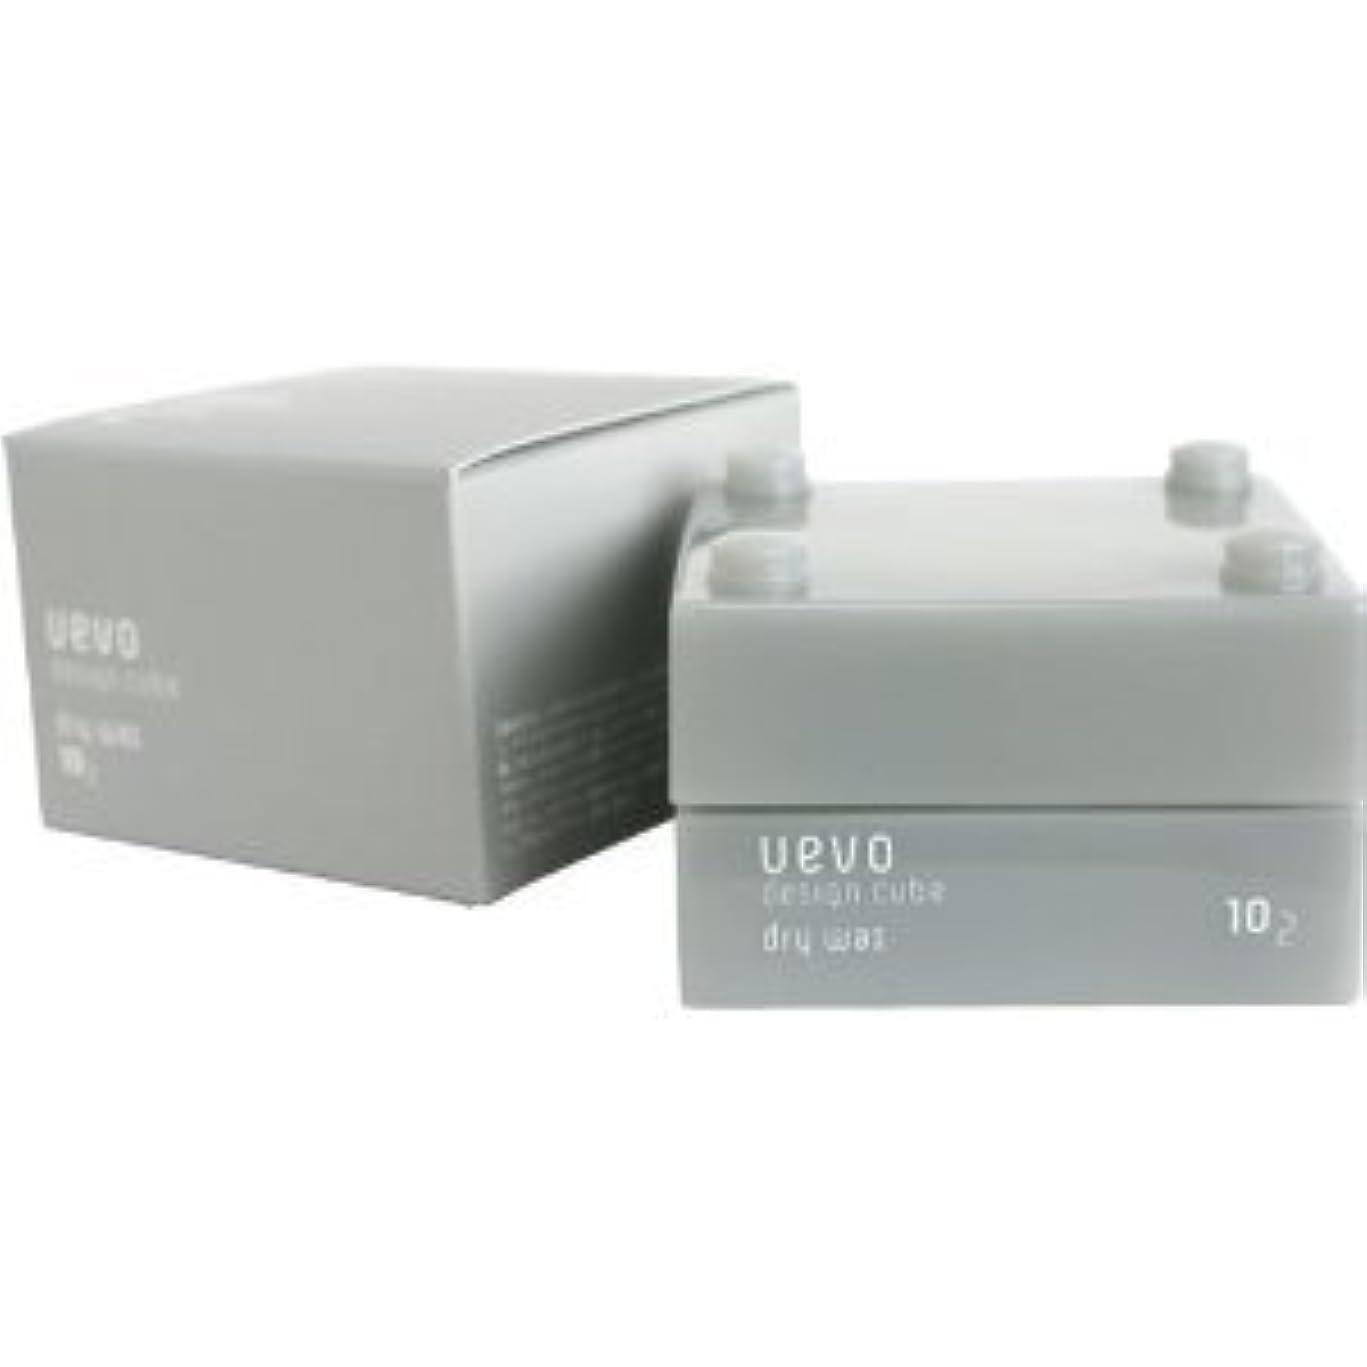 ゲストパキスタン不正【X2個セット】 デミ ウェーボ デザインキューブ ドライワックス 30g dry wax DEMI uevo design cube